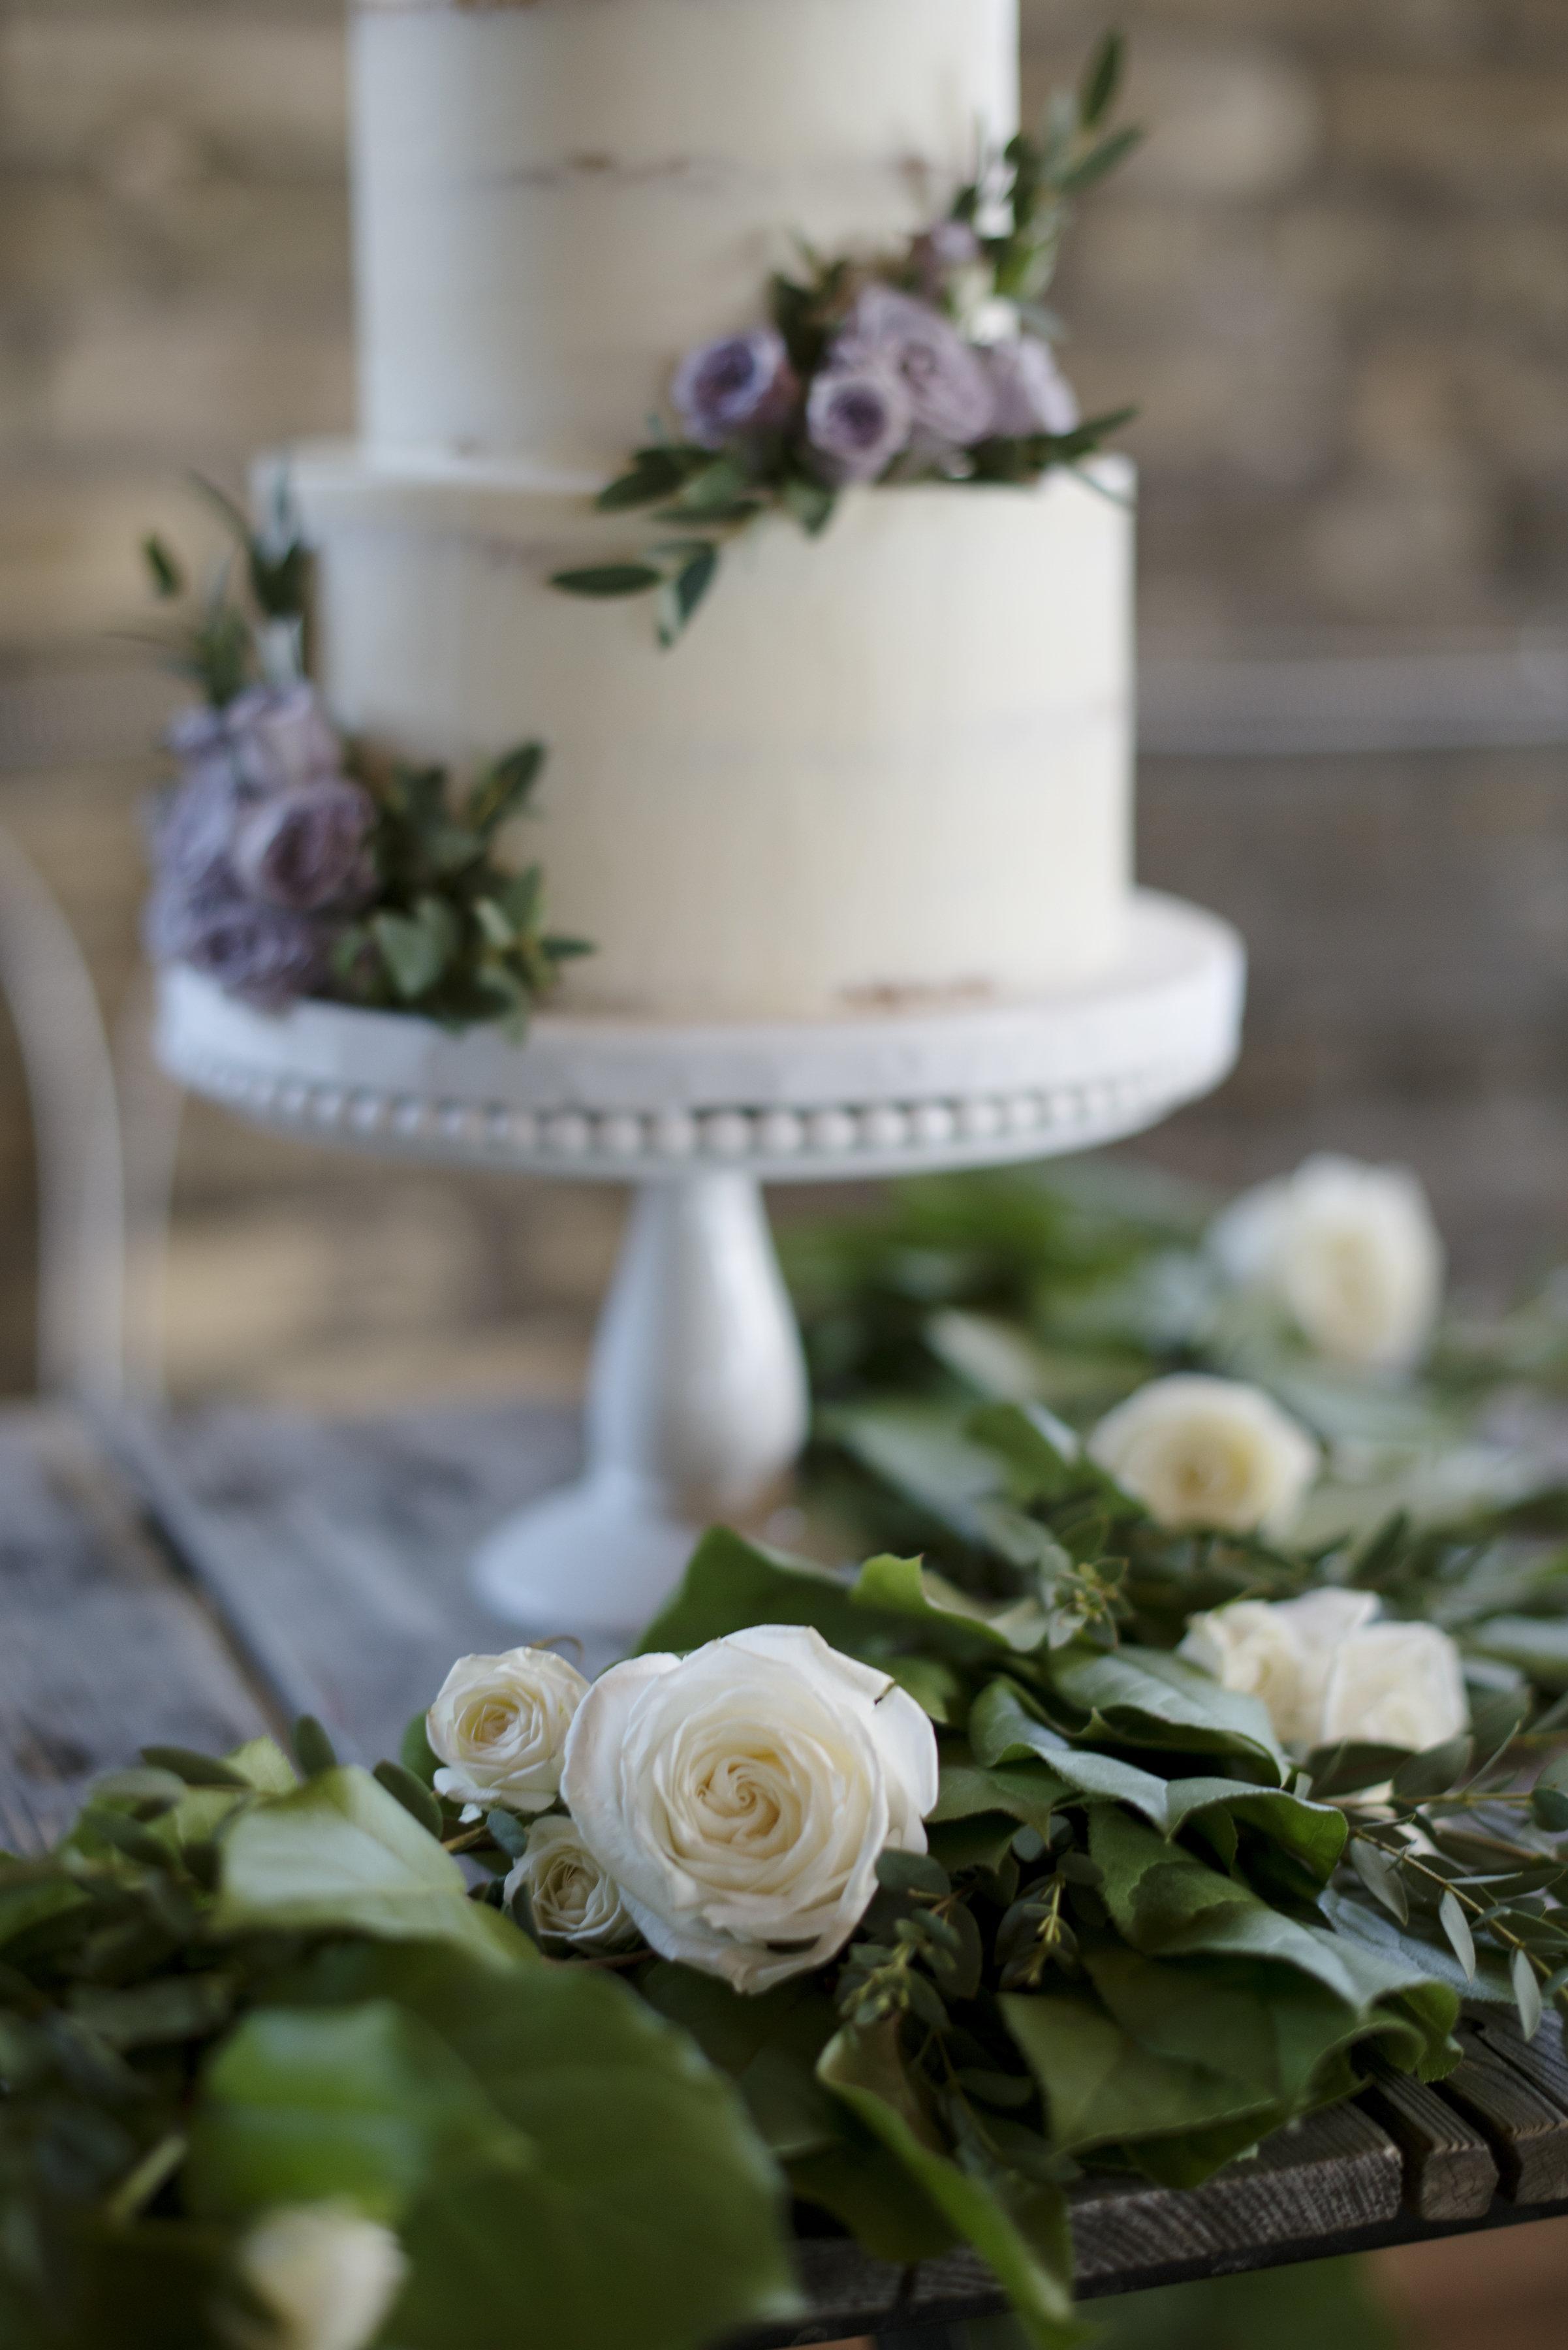 RosewoodWeddingPhotos-StyledShoot-LeDolci-WeddingCake-14.JPG